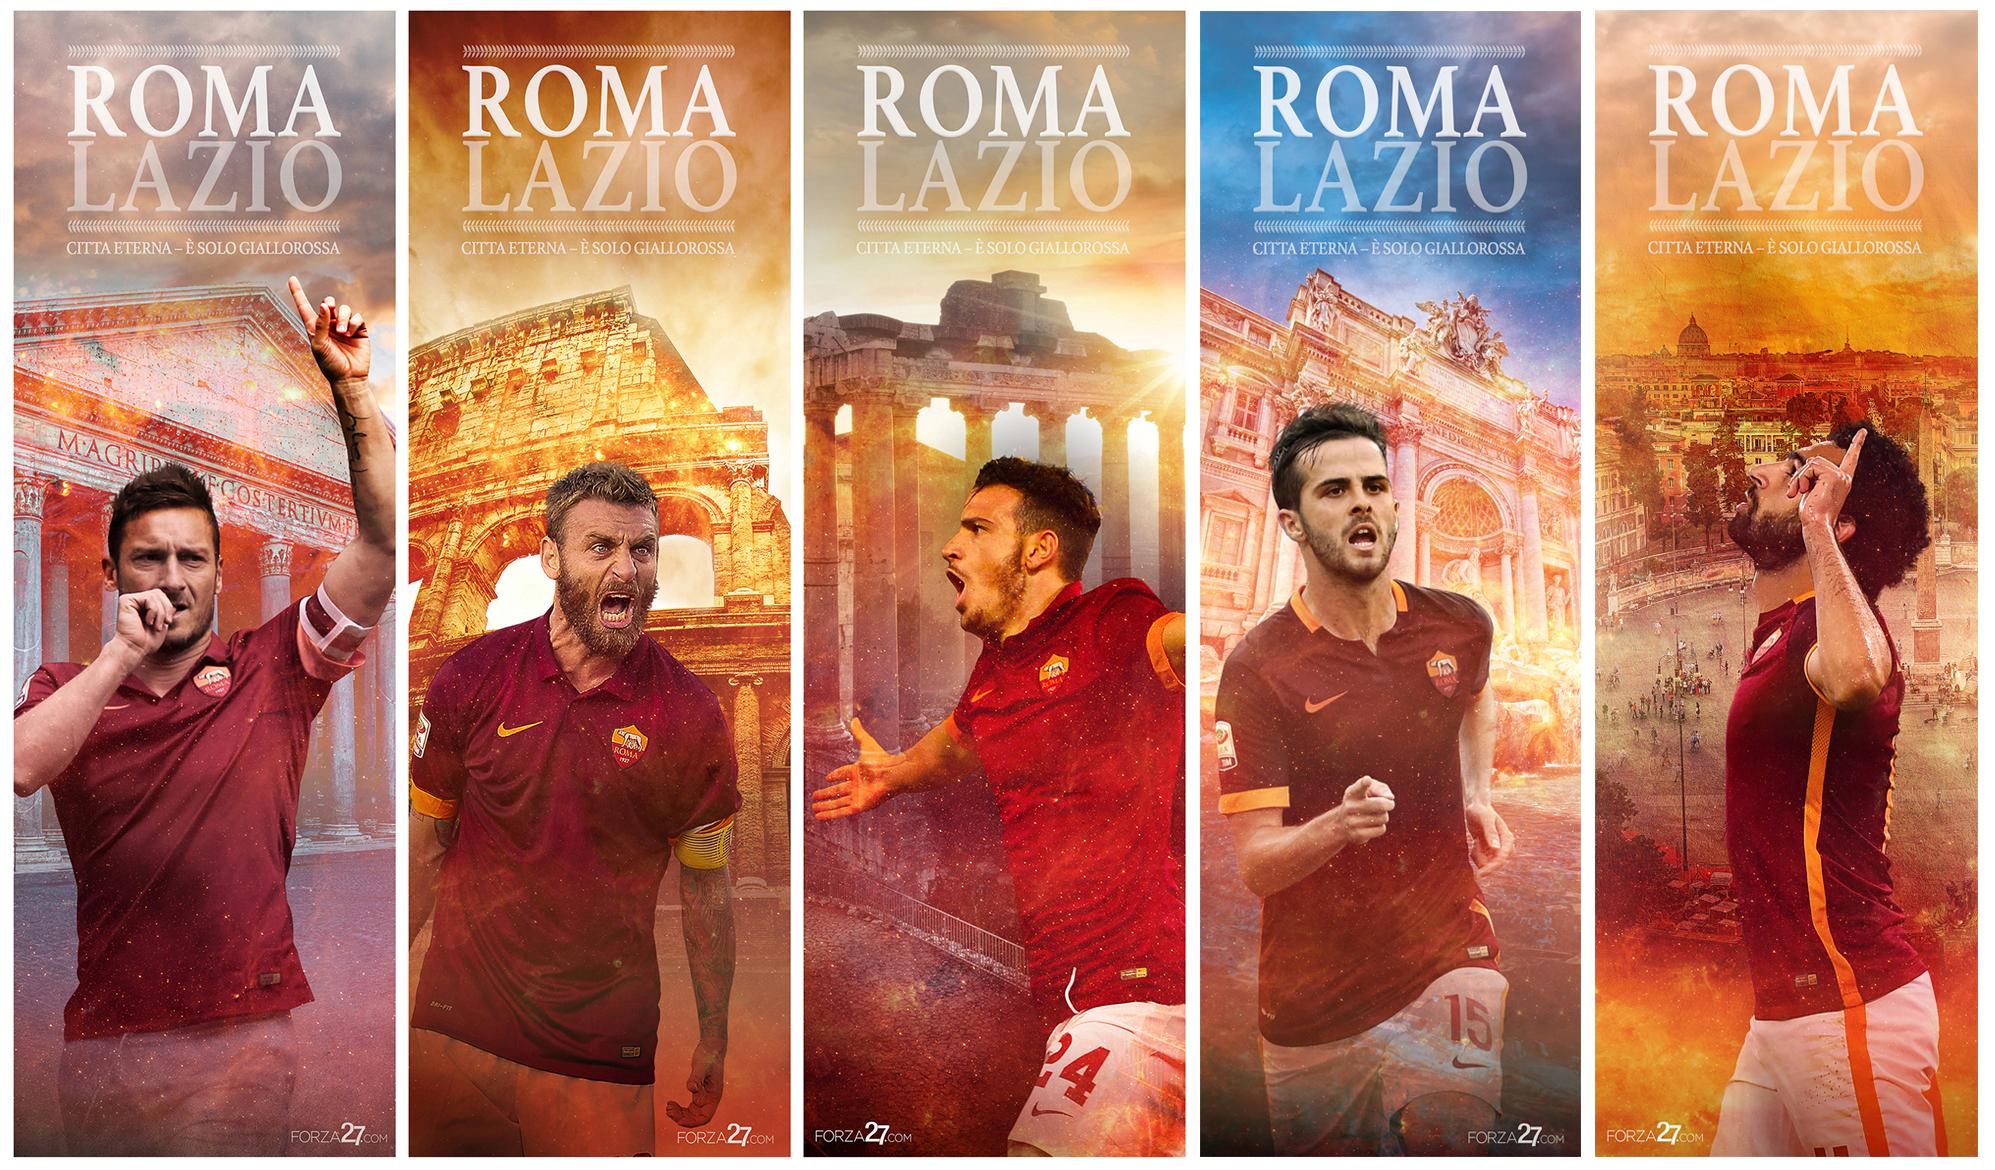 I-III_Roma-LazX0_16s_forza27.com